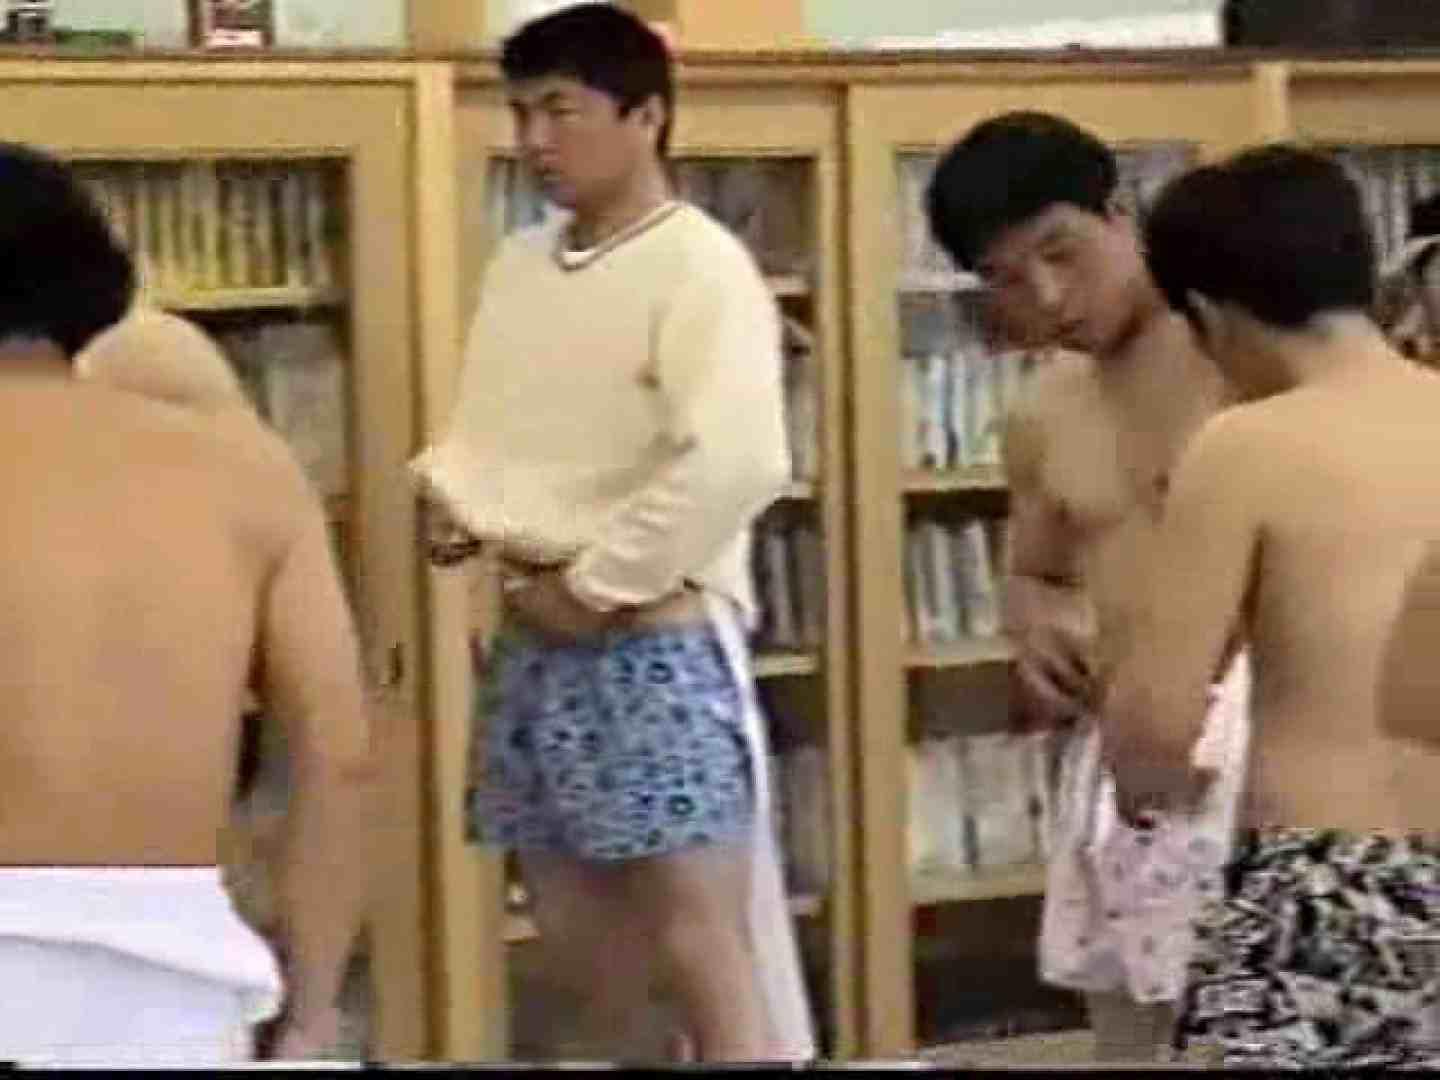 Japan of祭り!VOL.2 完全無修正版 ゲイアダルトビデオ画像 108枚 104